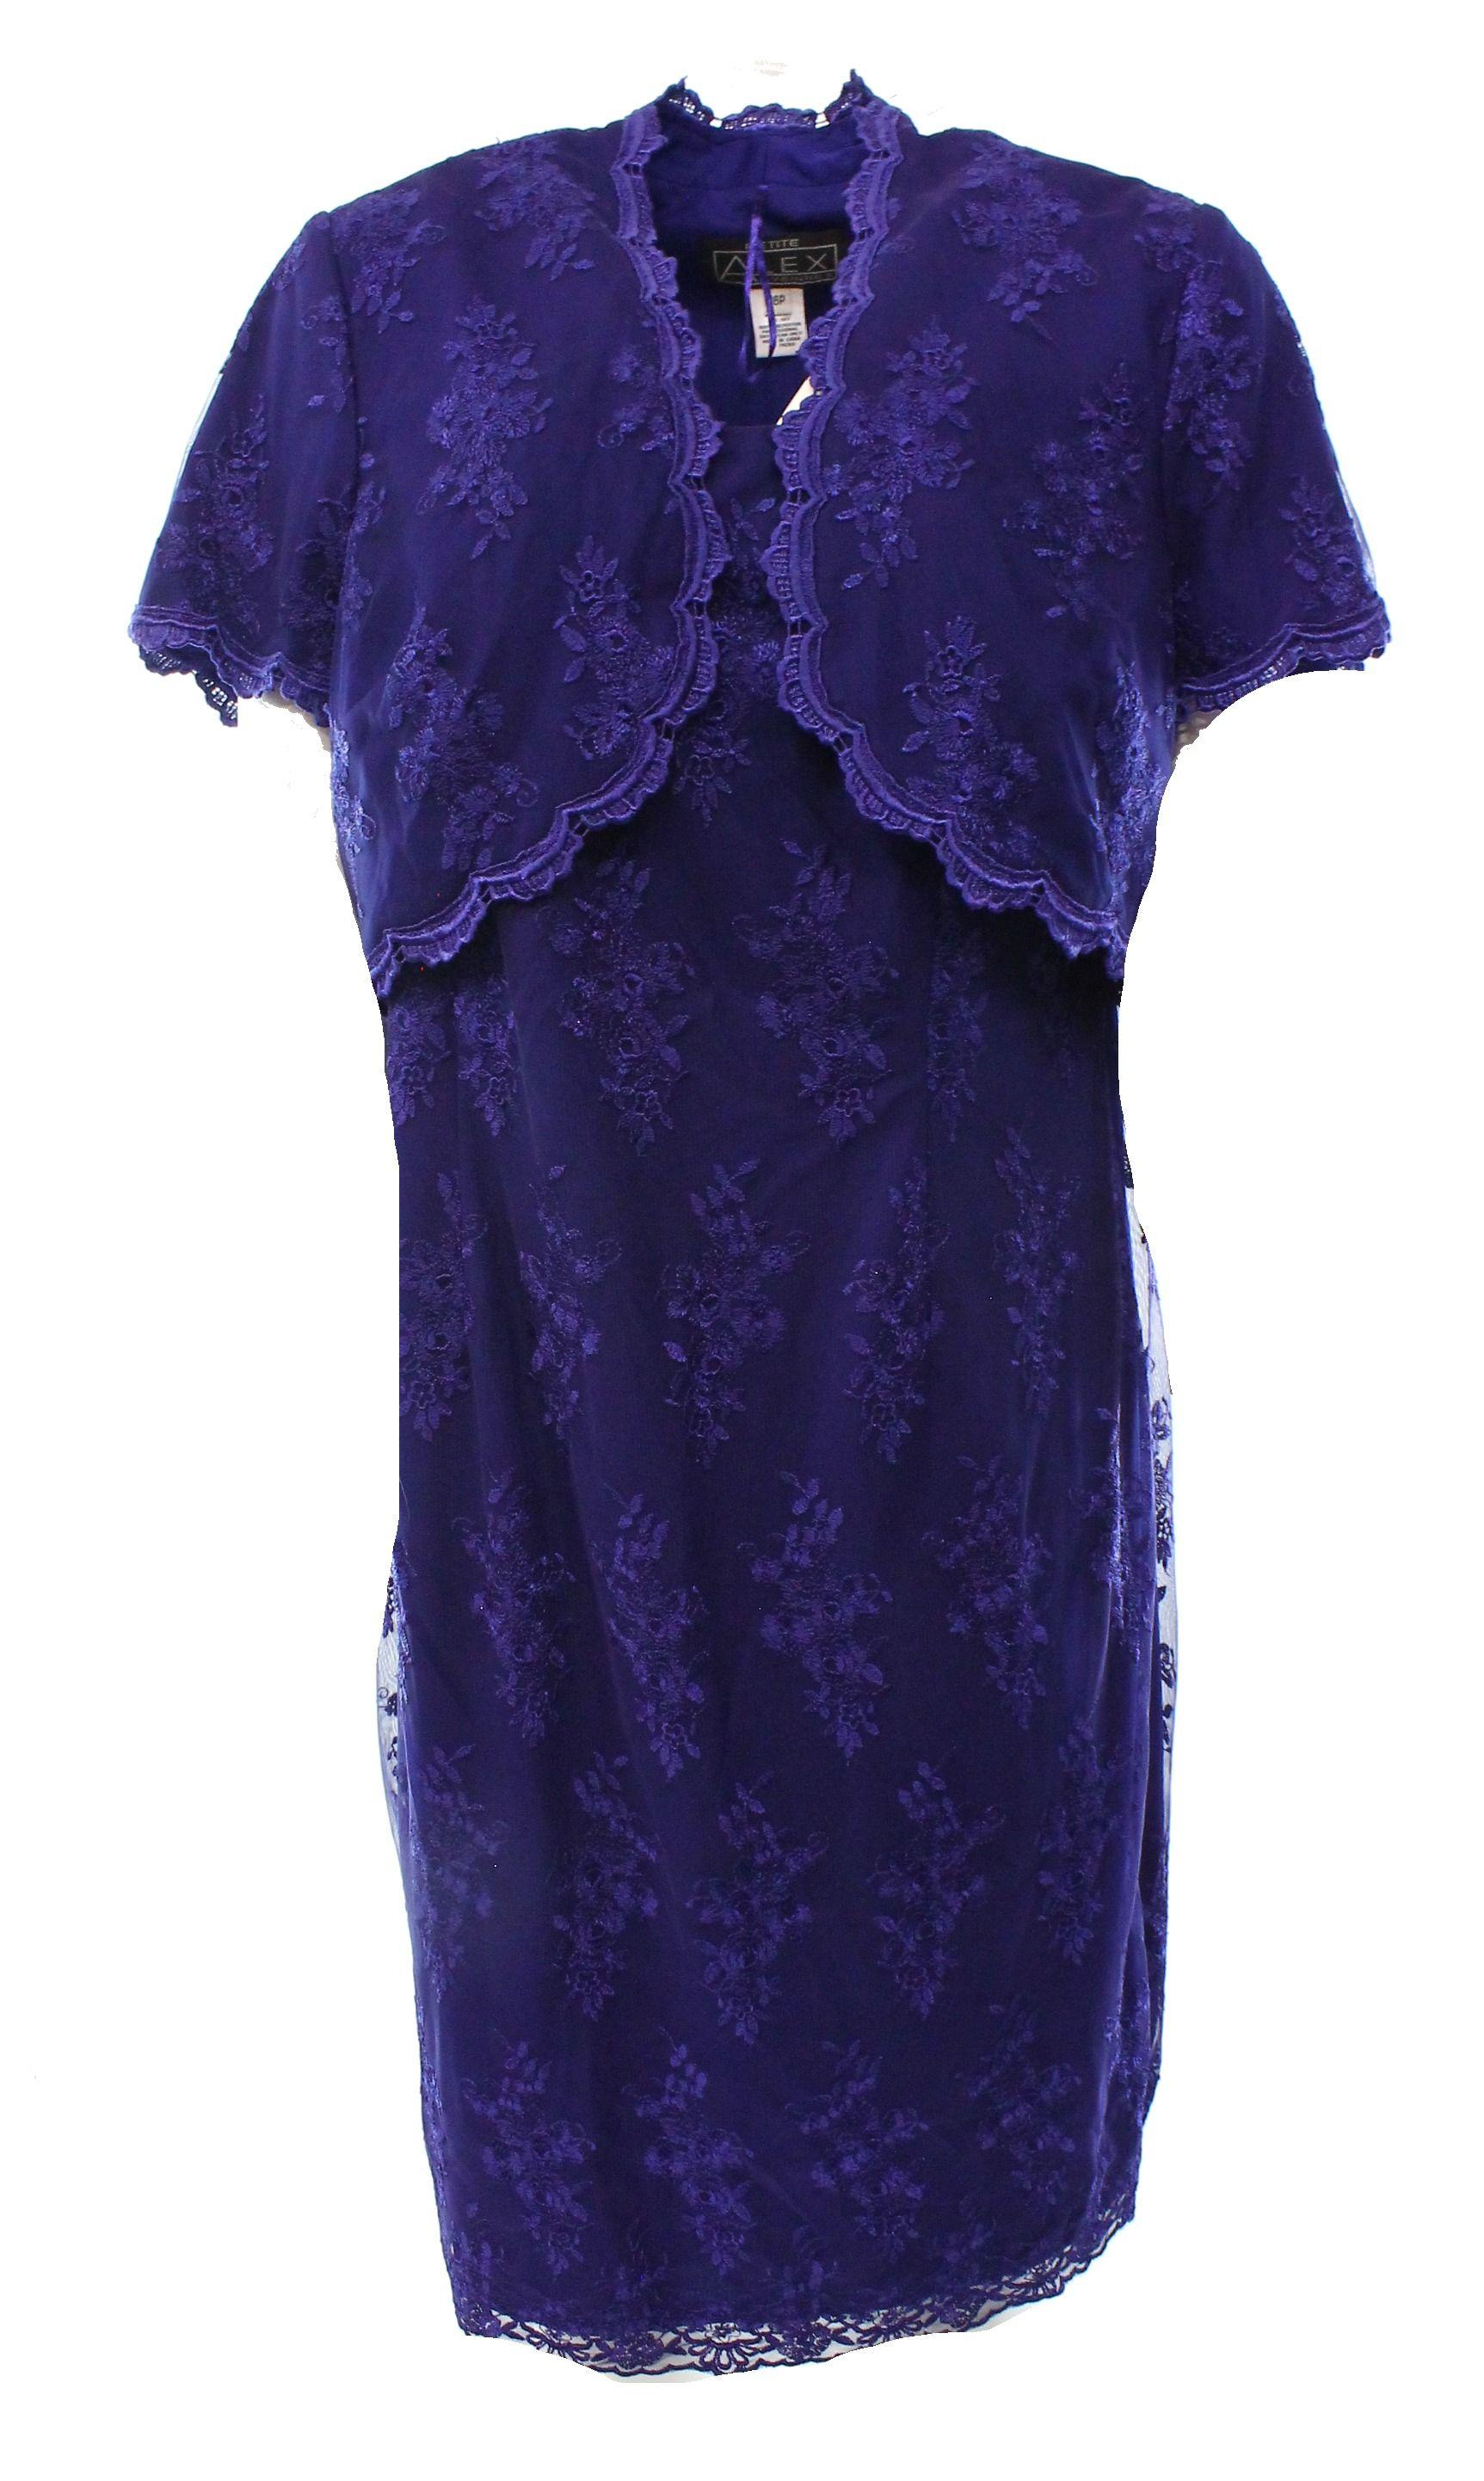 Evening dress shrug set